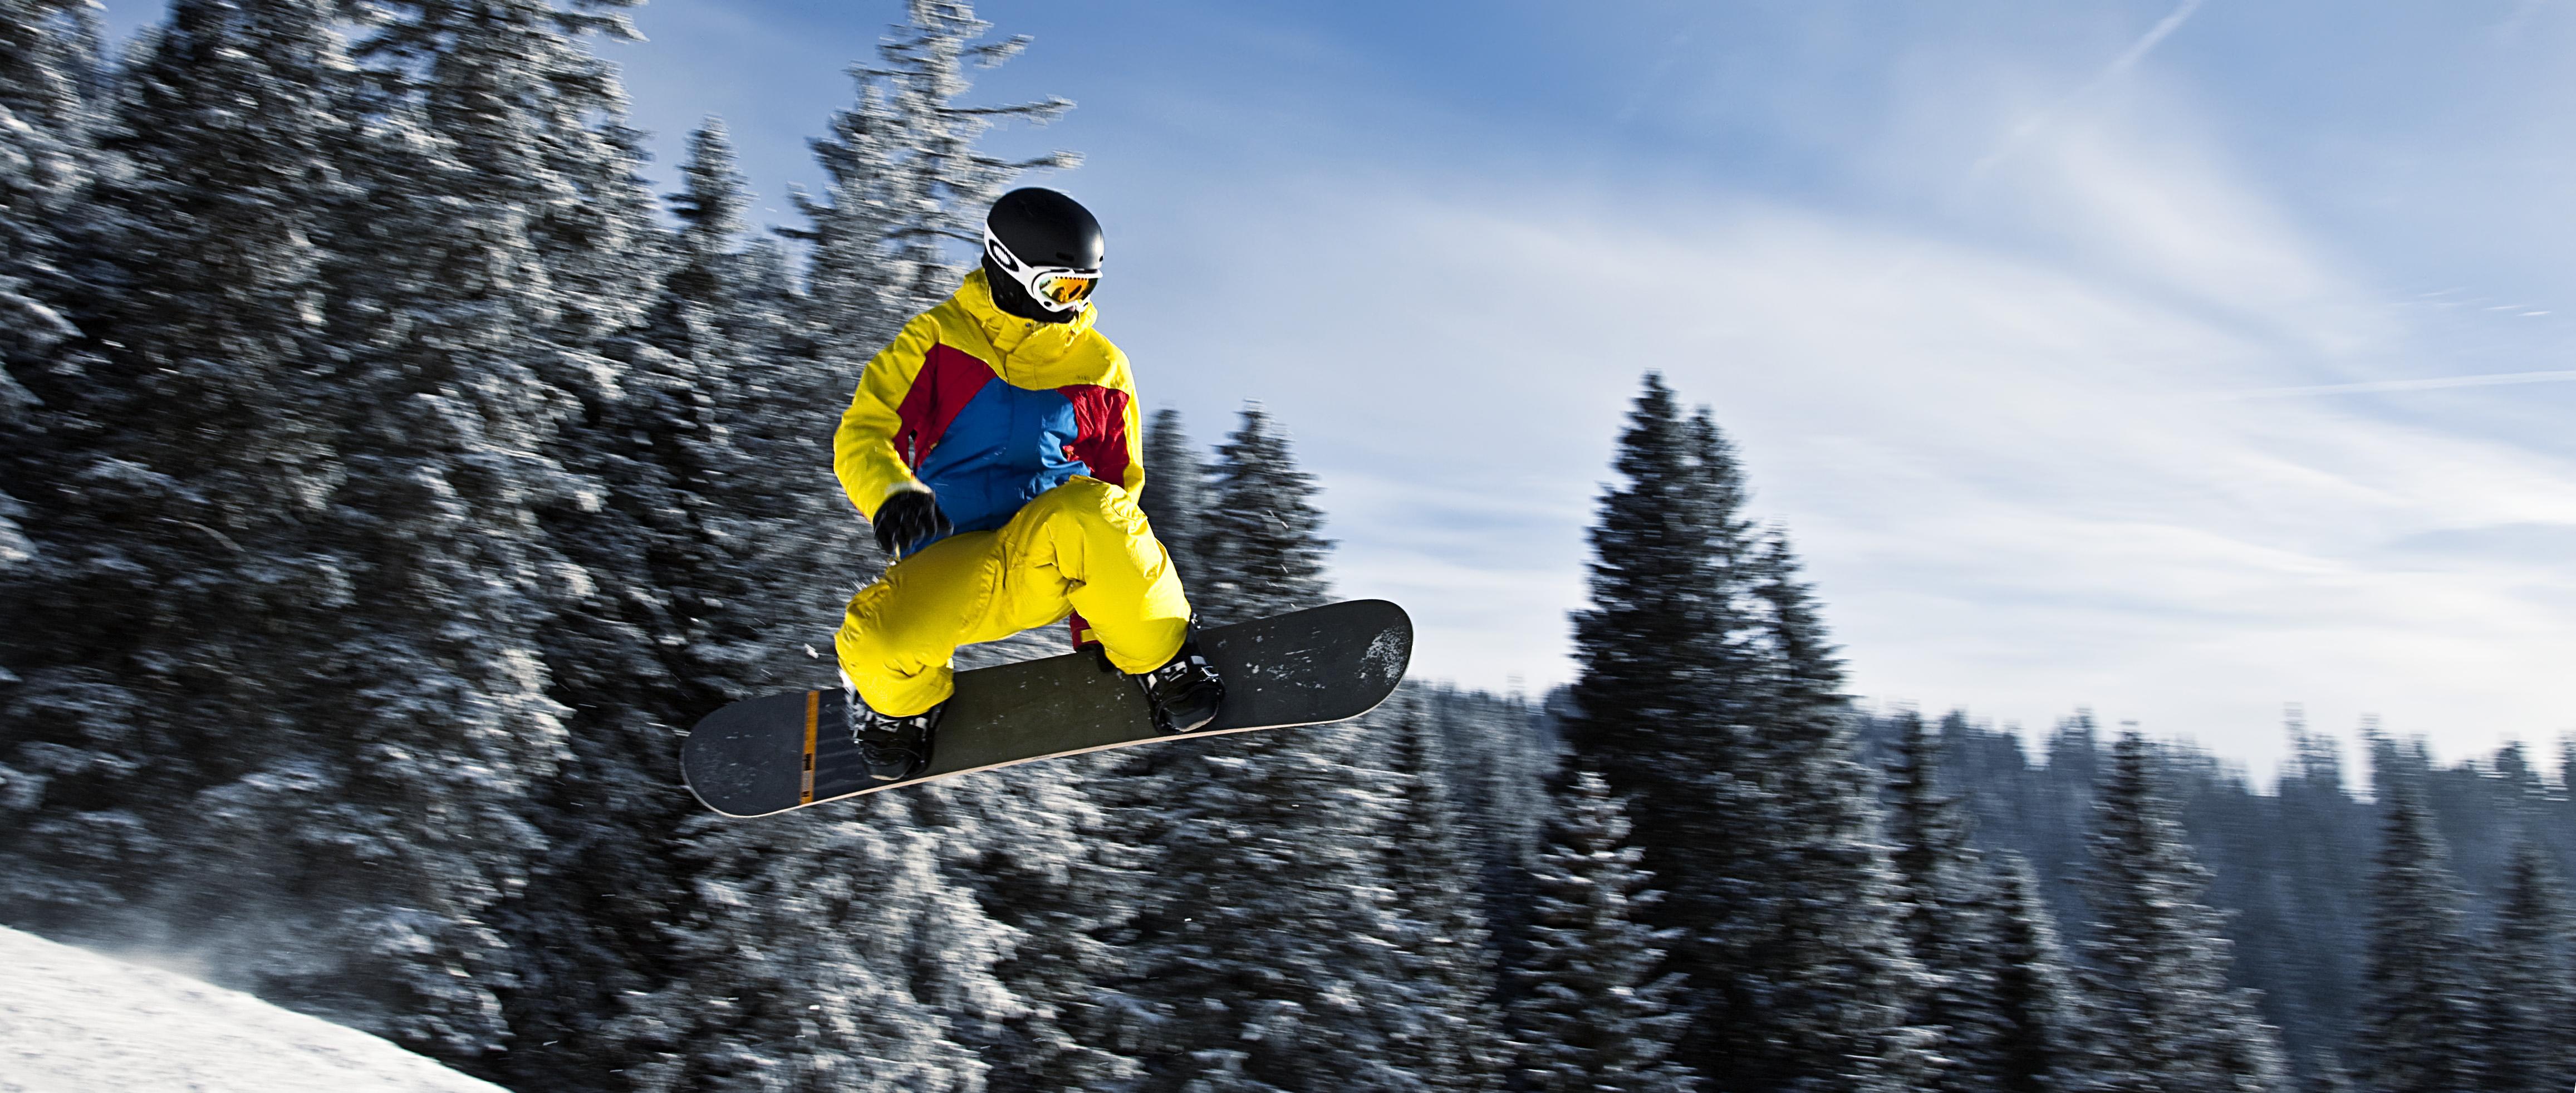 snowboarder_in_flight_tannheim_austria.jpg